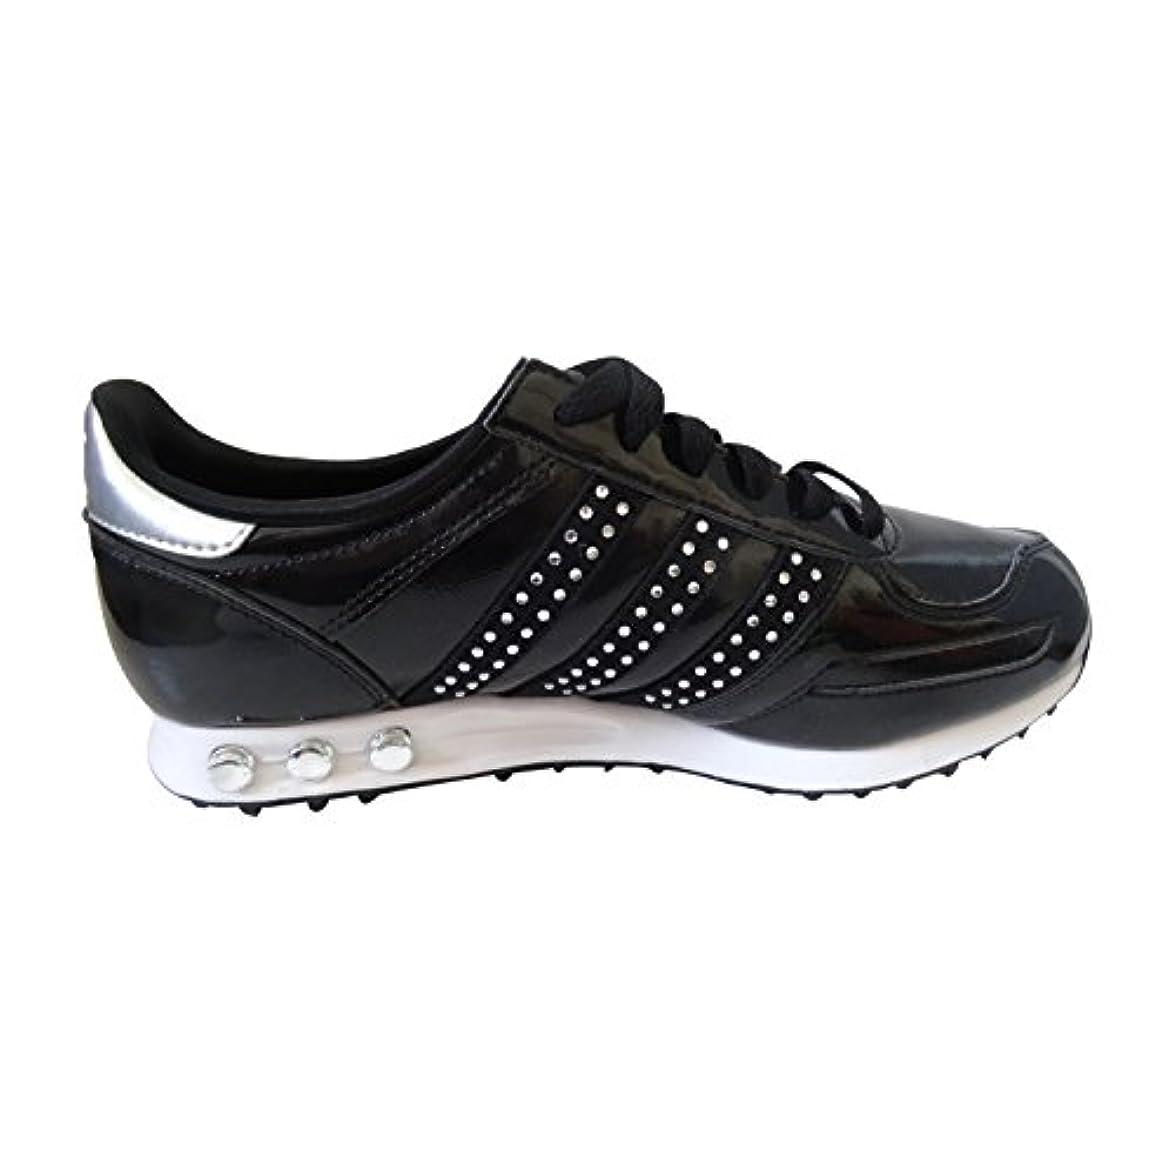 Adidas Originals La Trainer Delle Donne Degli Addestratori Scarpe Da Tennis uk 3 5 Us 5 Eu 36